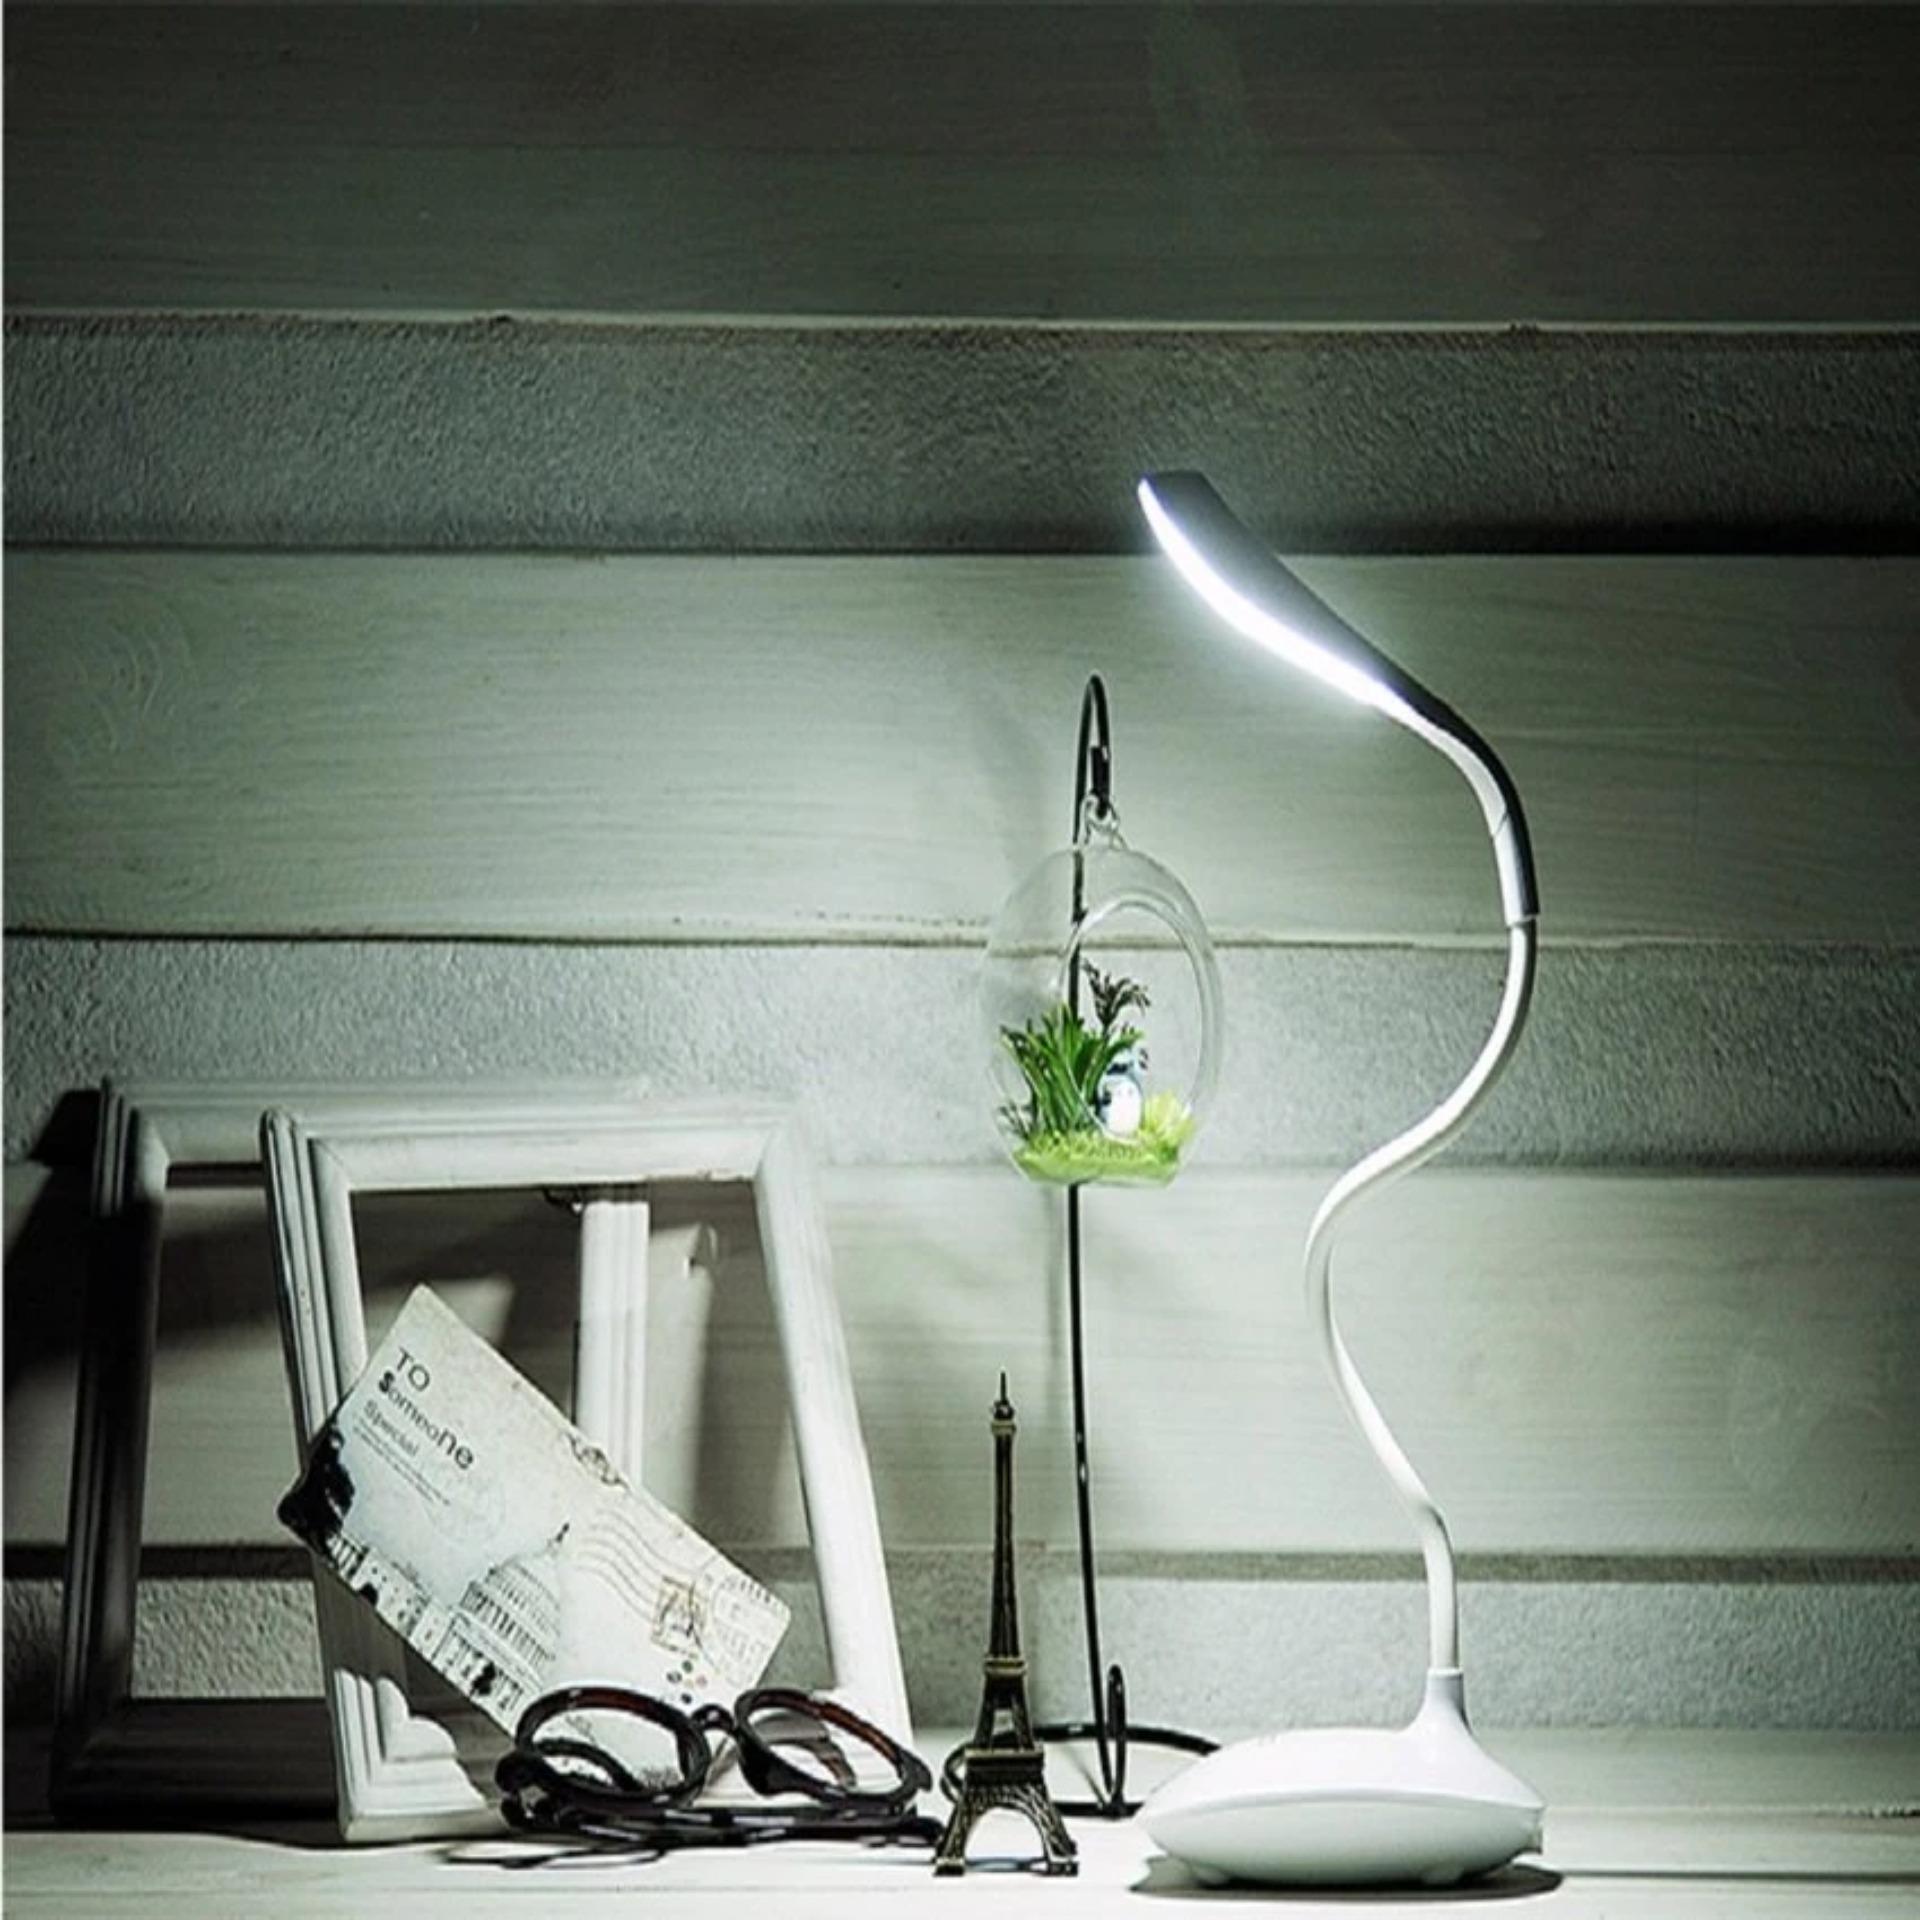 Đèn sạc để bàn chống cận PAN - Đèn học chống cận + Tặng bộ 12 bút màu